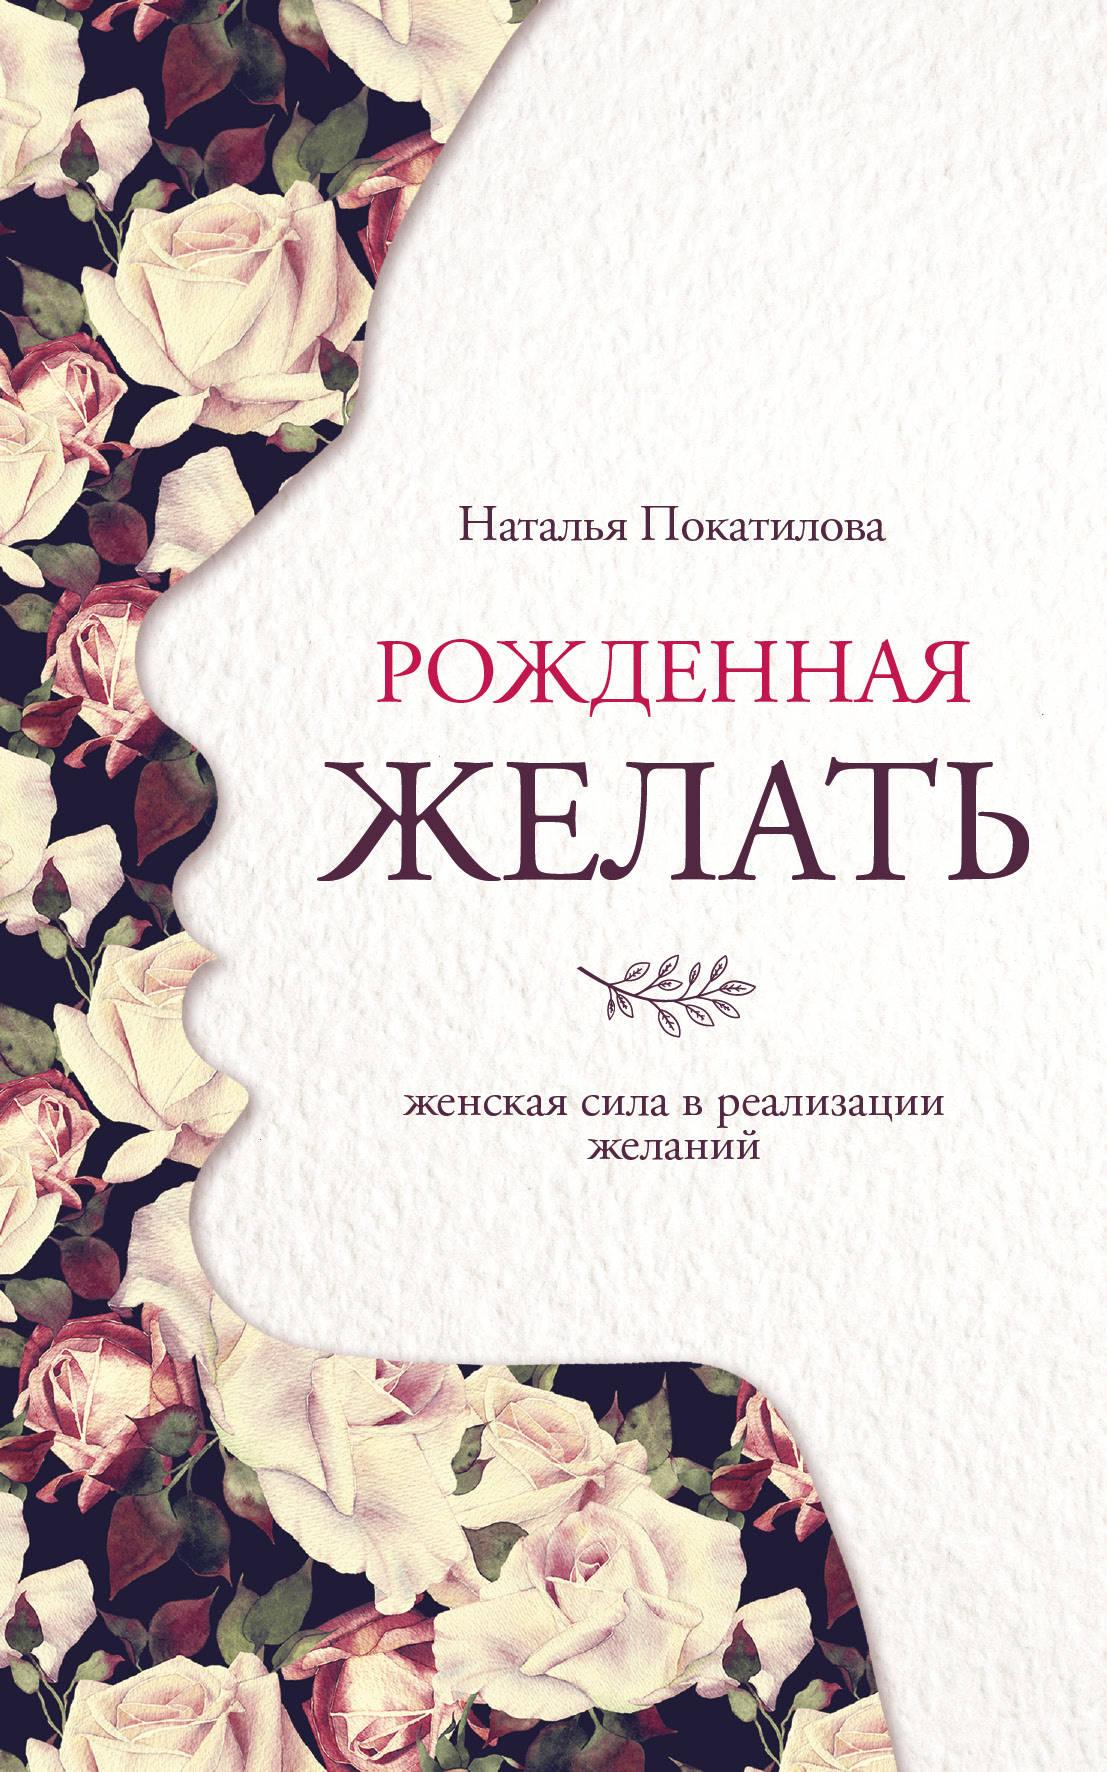 Покатилова Наталья А. Рожденная желать. Женская сила в реализации желаний